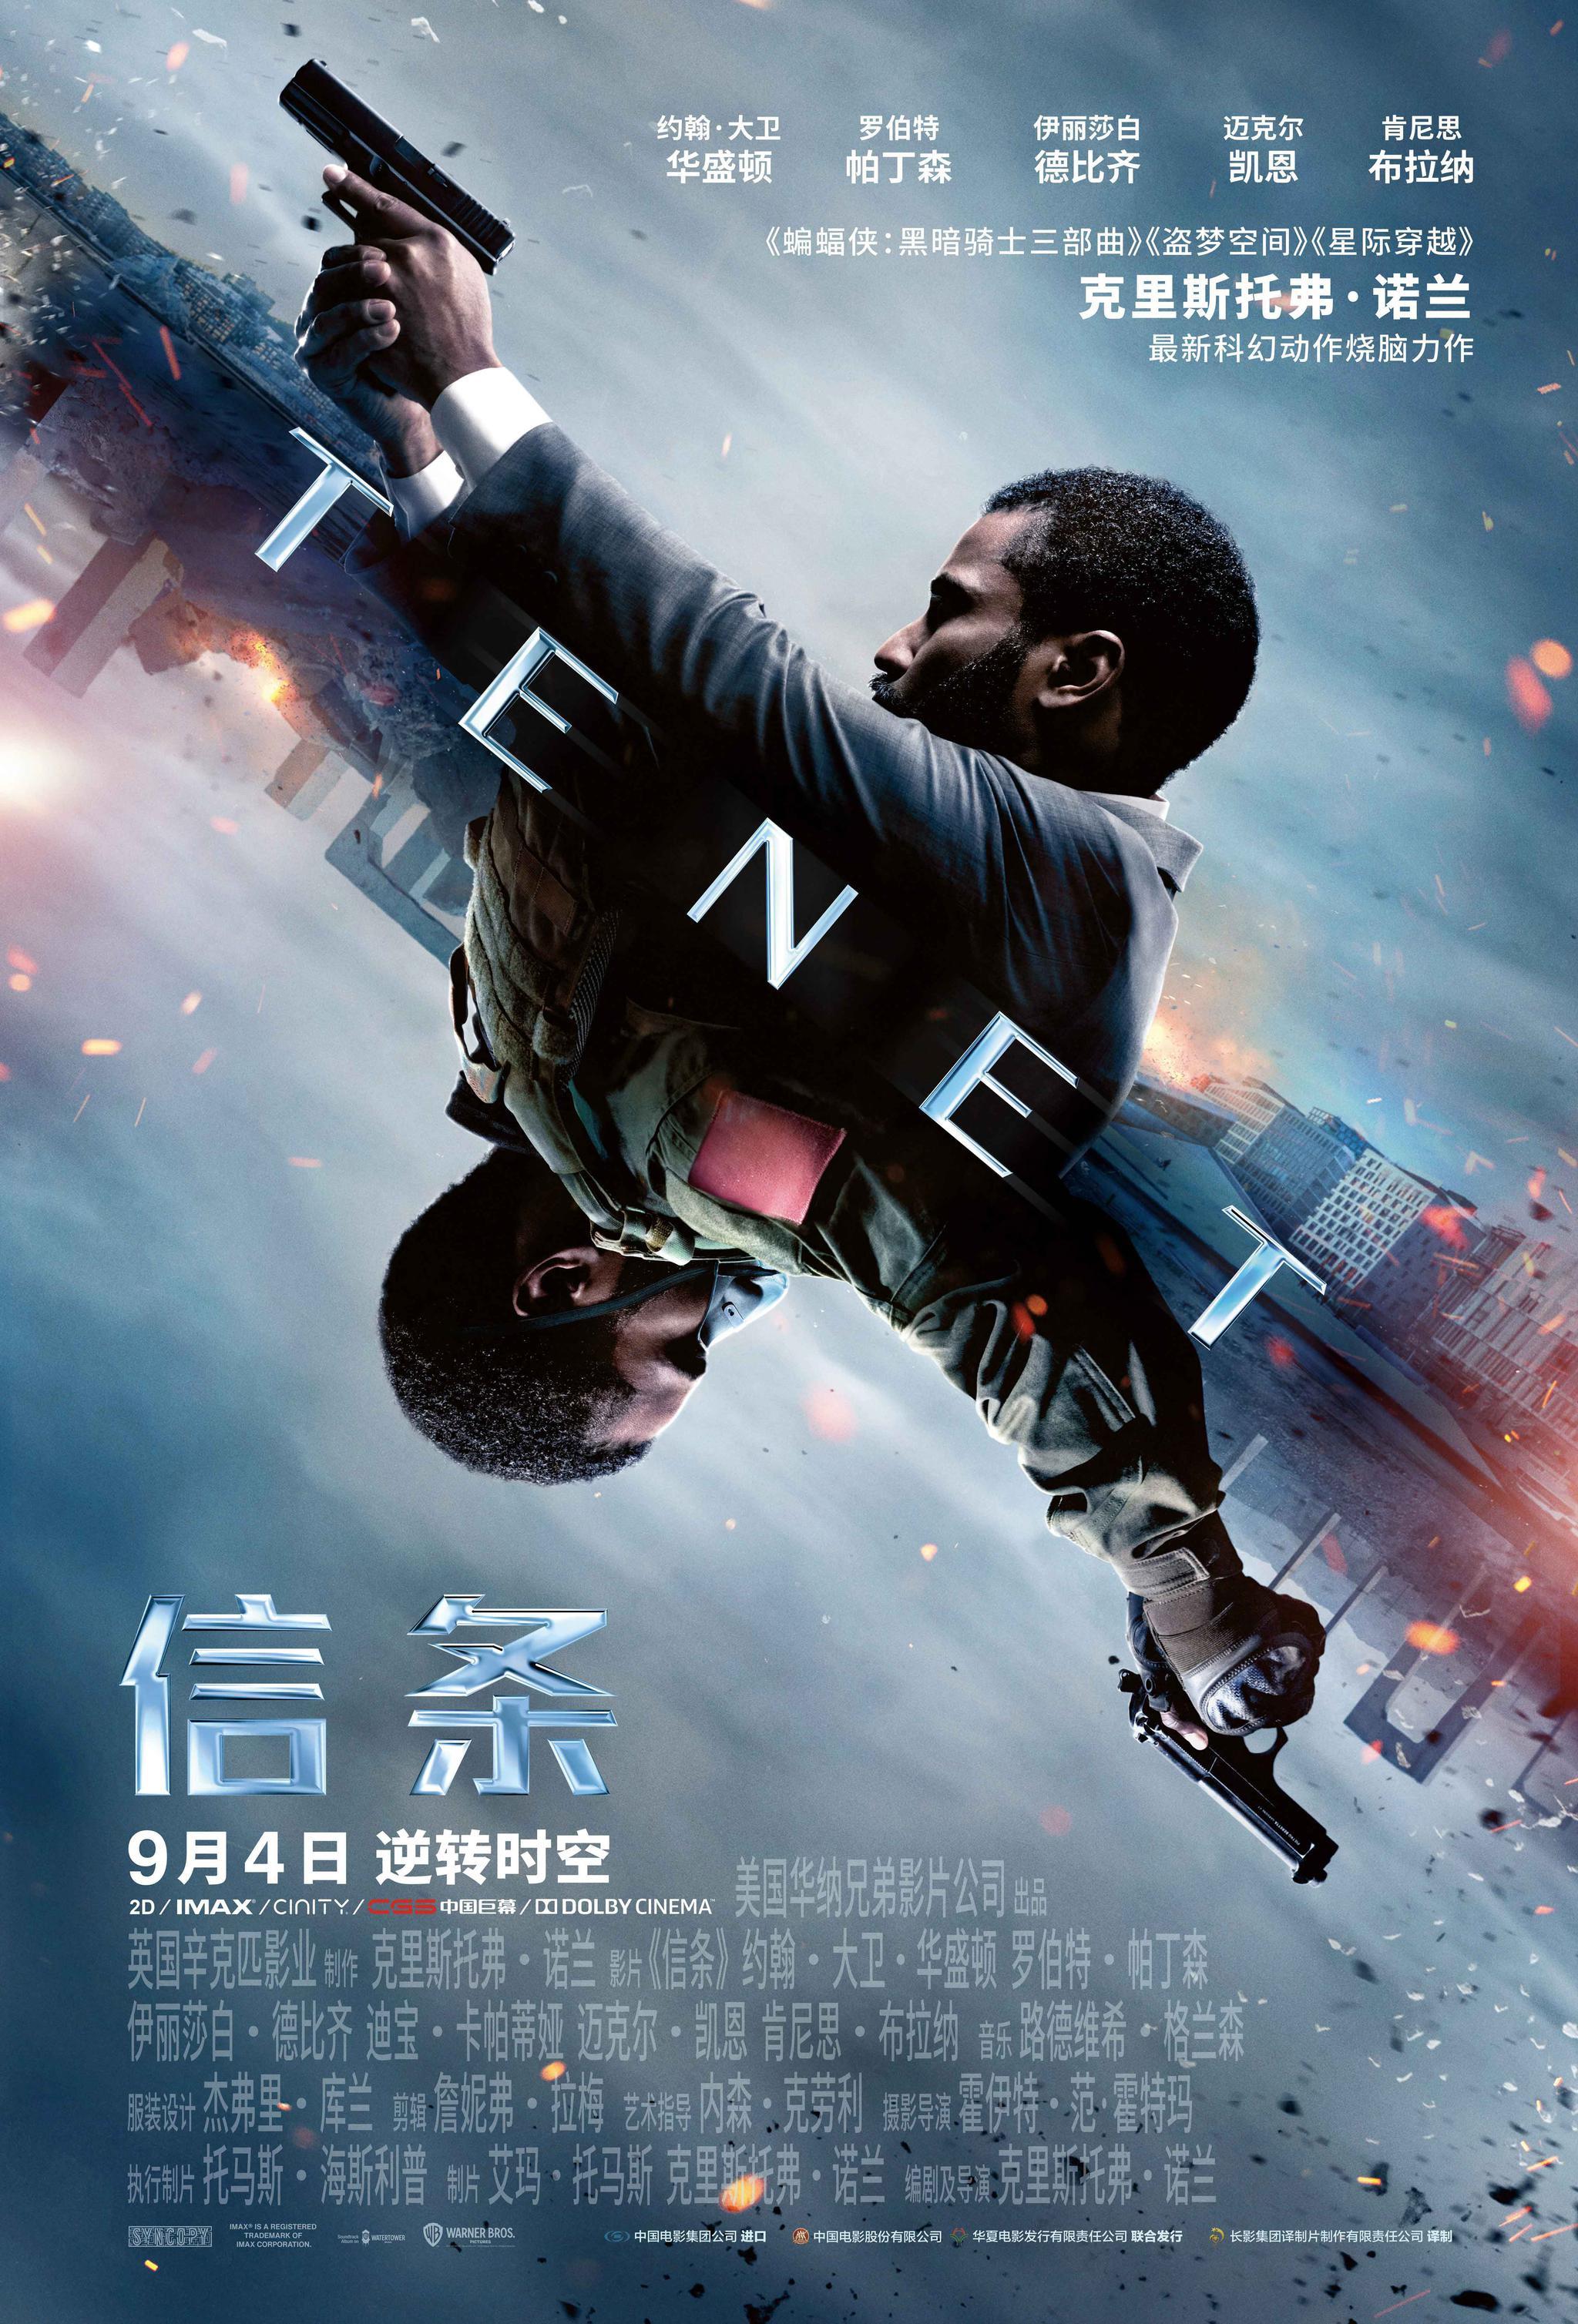 诺兰新片《信条》正式宣布定档9月4日内地上映